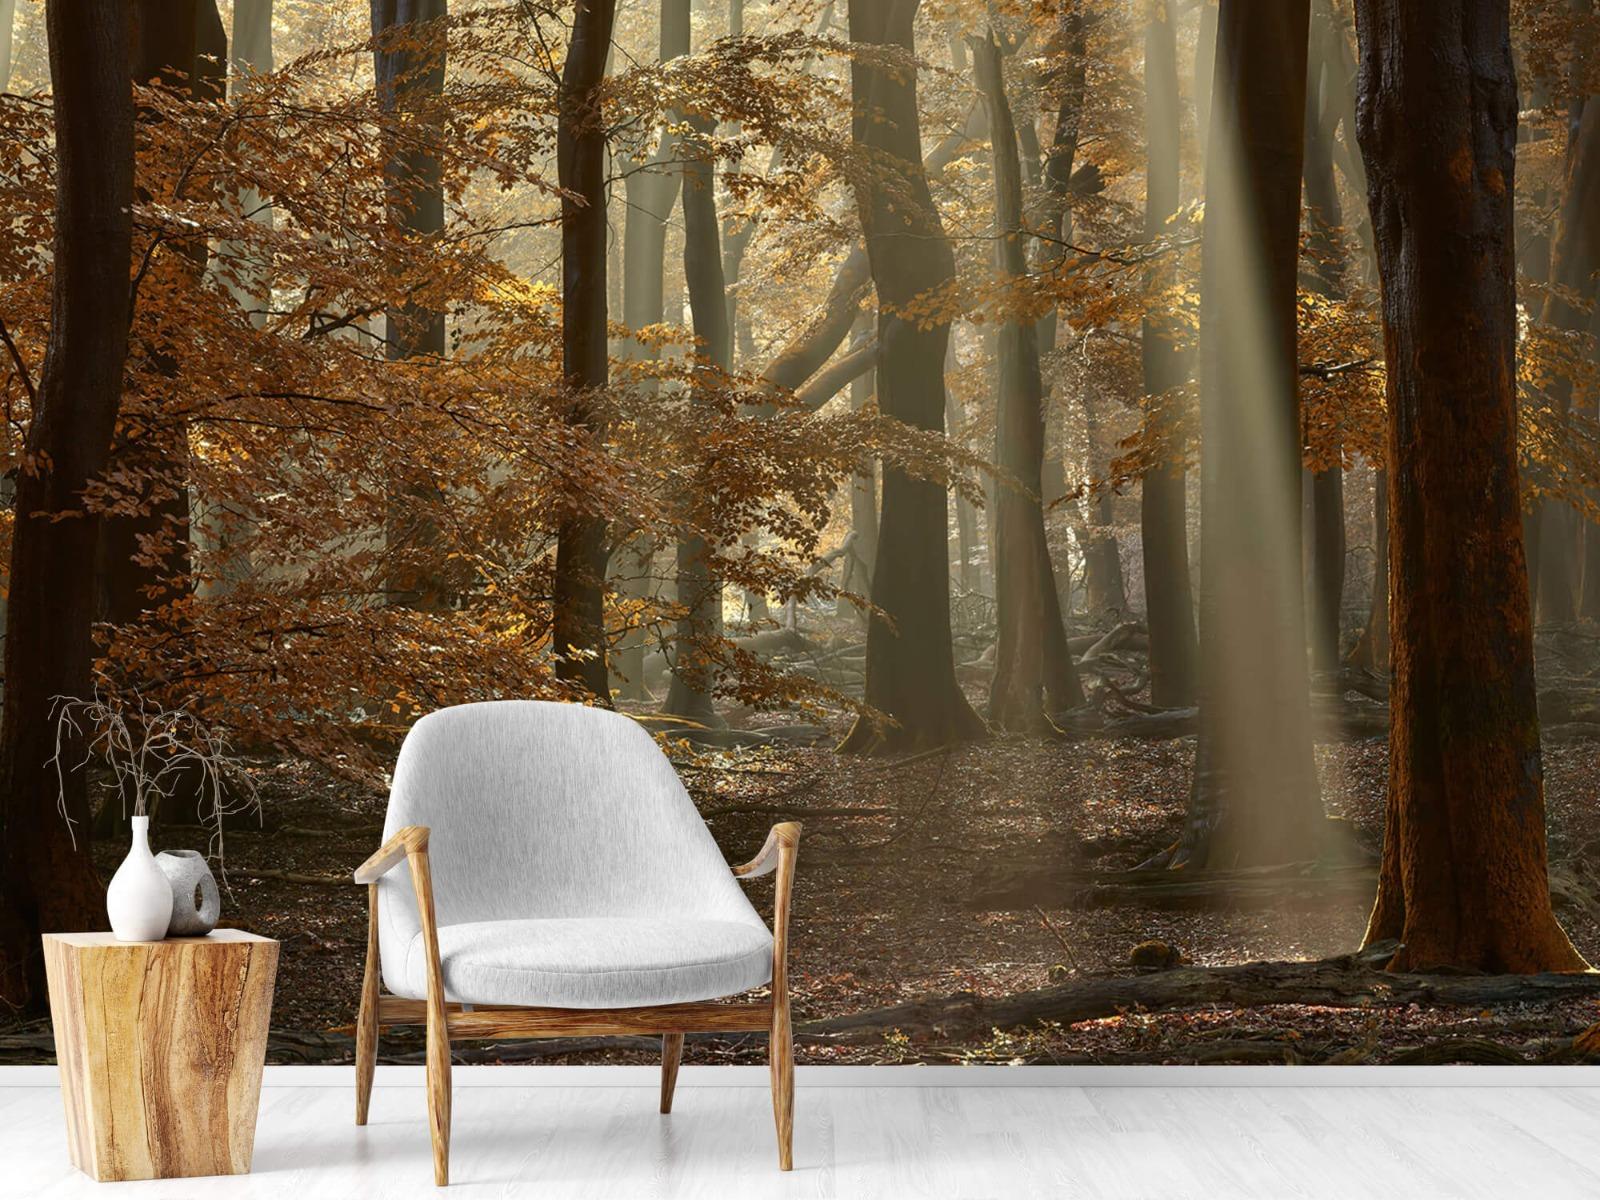 Bos behang - Herfstkleuren in het bos - Slaapkamer 18